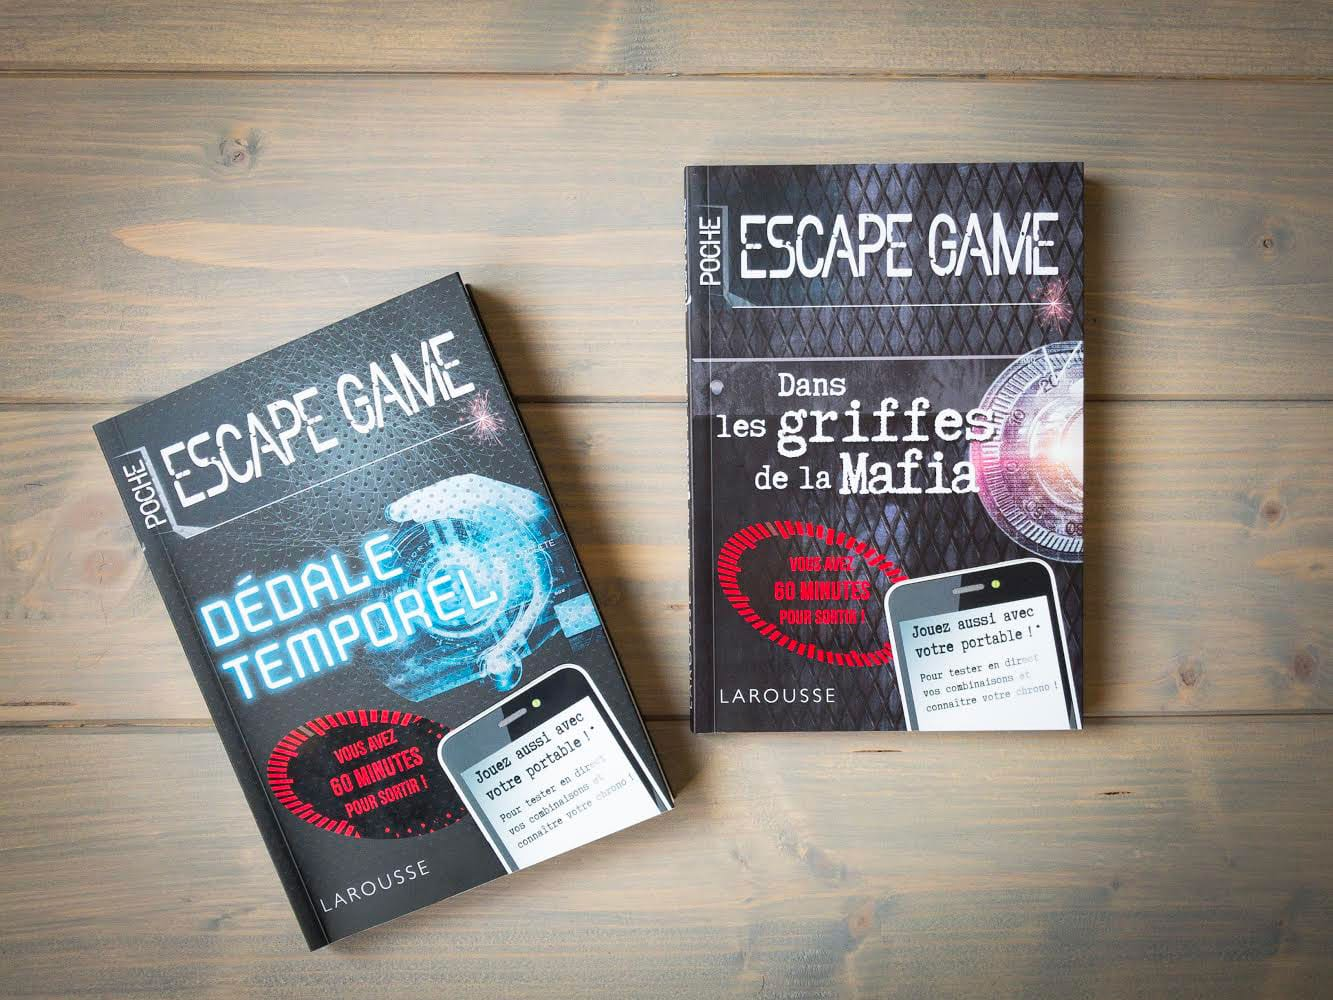 livre jeu escape game de poche Larousse